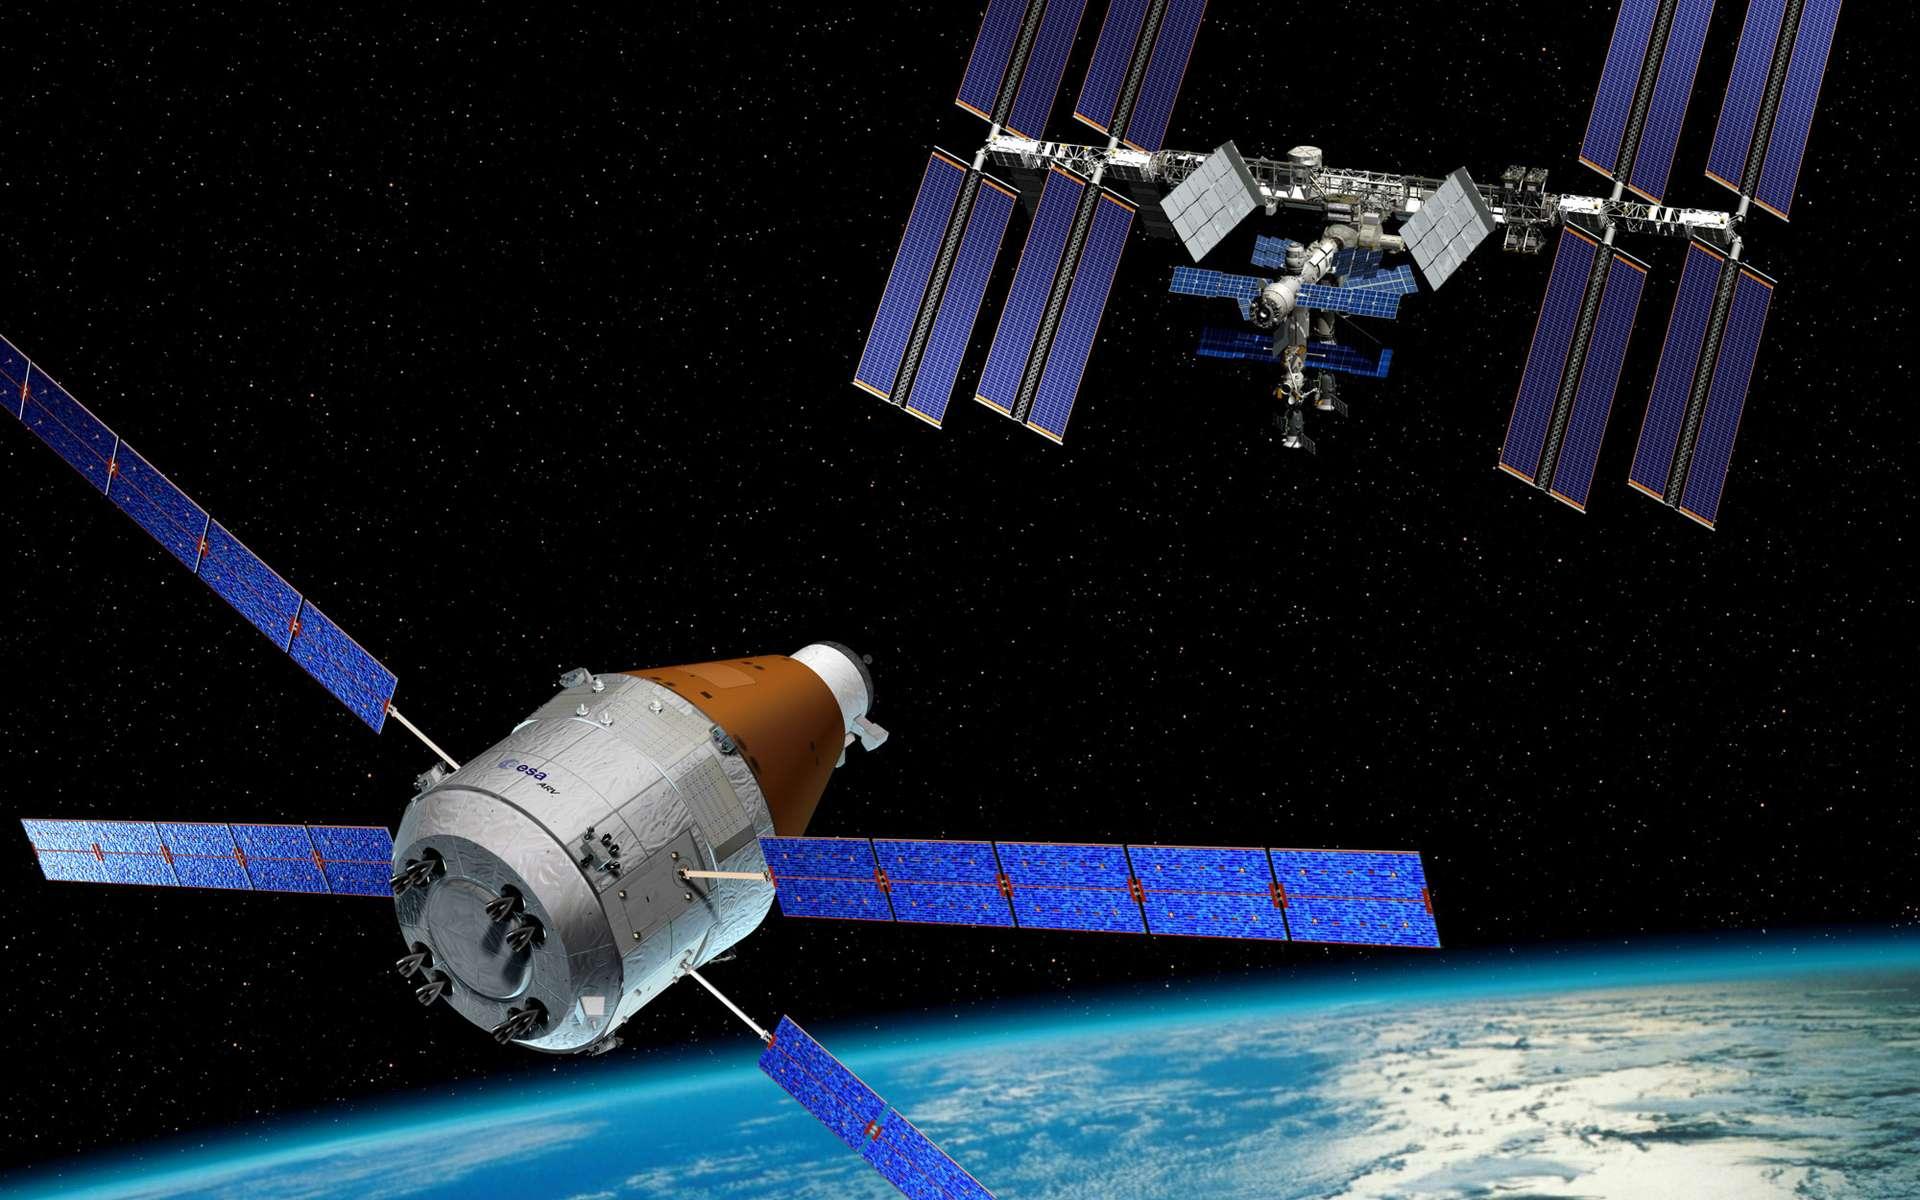 Cette vue d'artiste montre une des évolutions possibles de l'ATV qui pourrait être dôtée d'une capsule récupérable. © Esa/D. Ducros